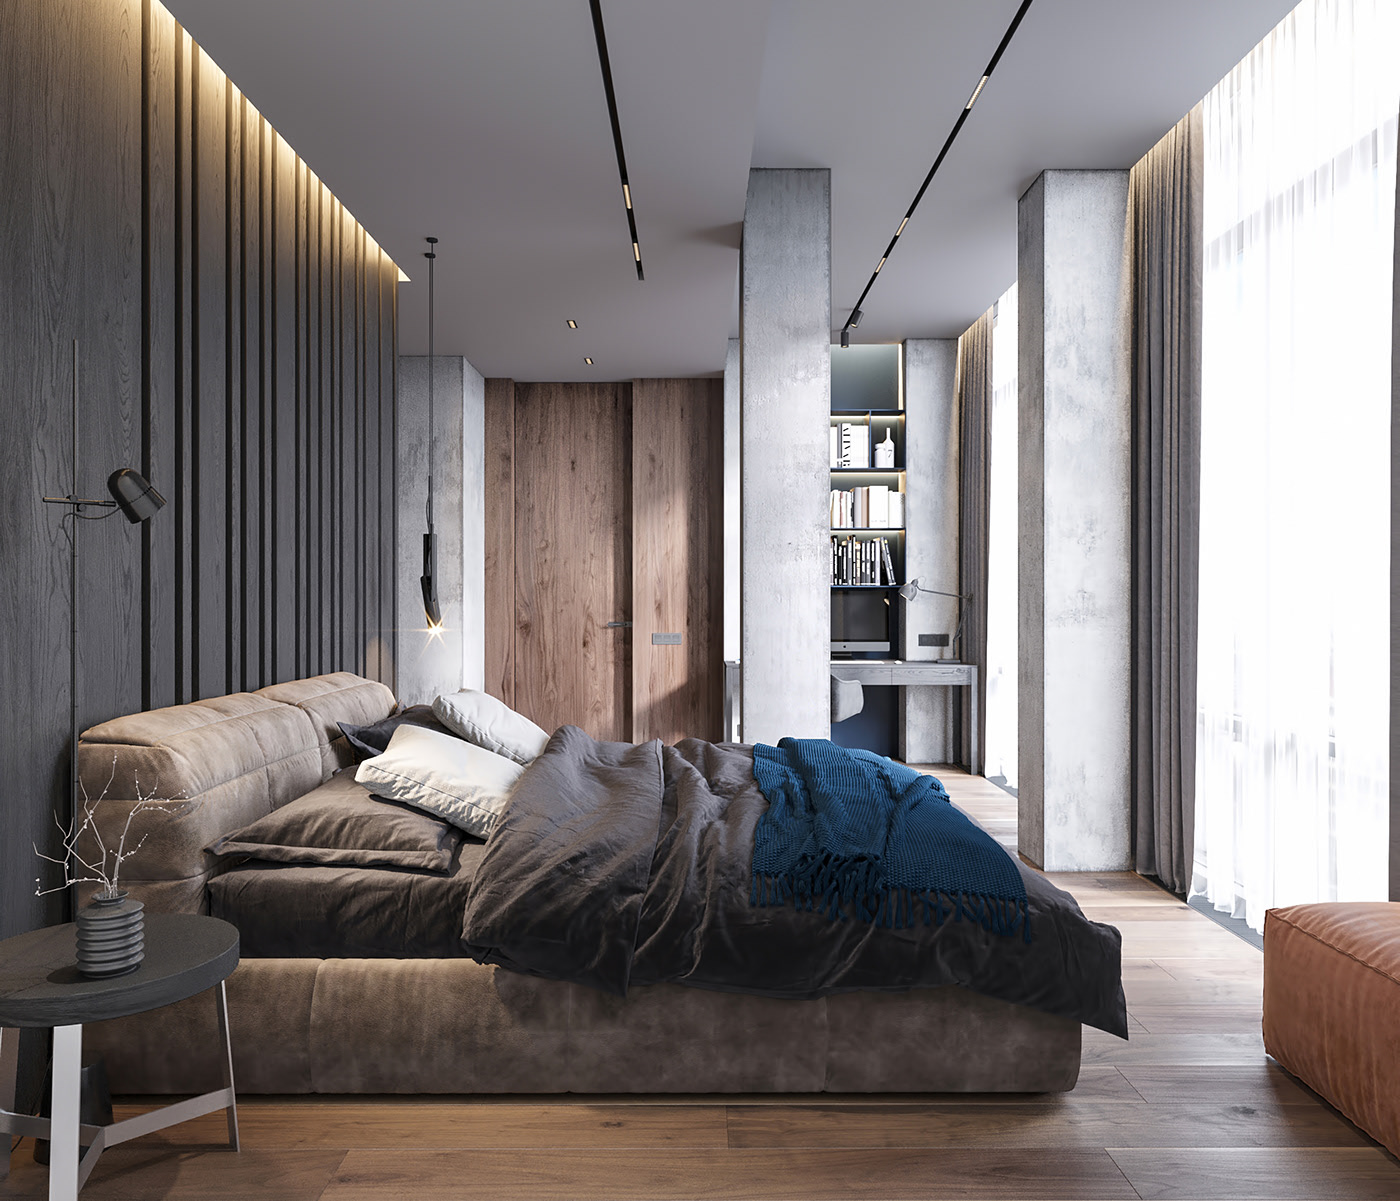 Luxury master bedroom ideas - design trends 11 — Aluminr